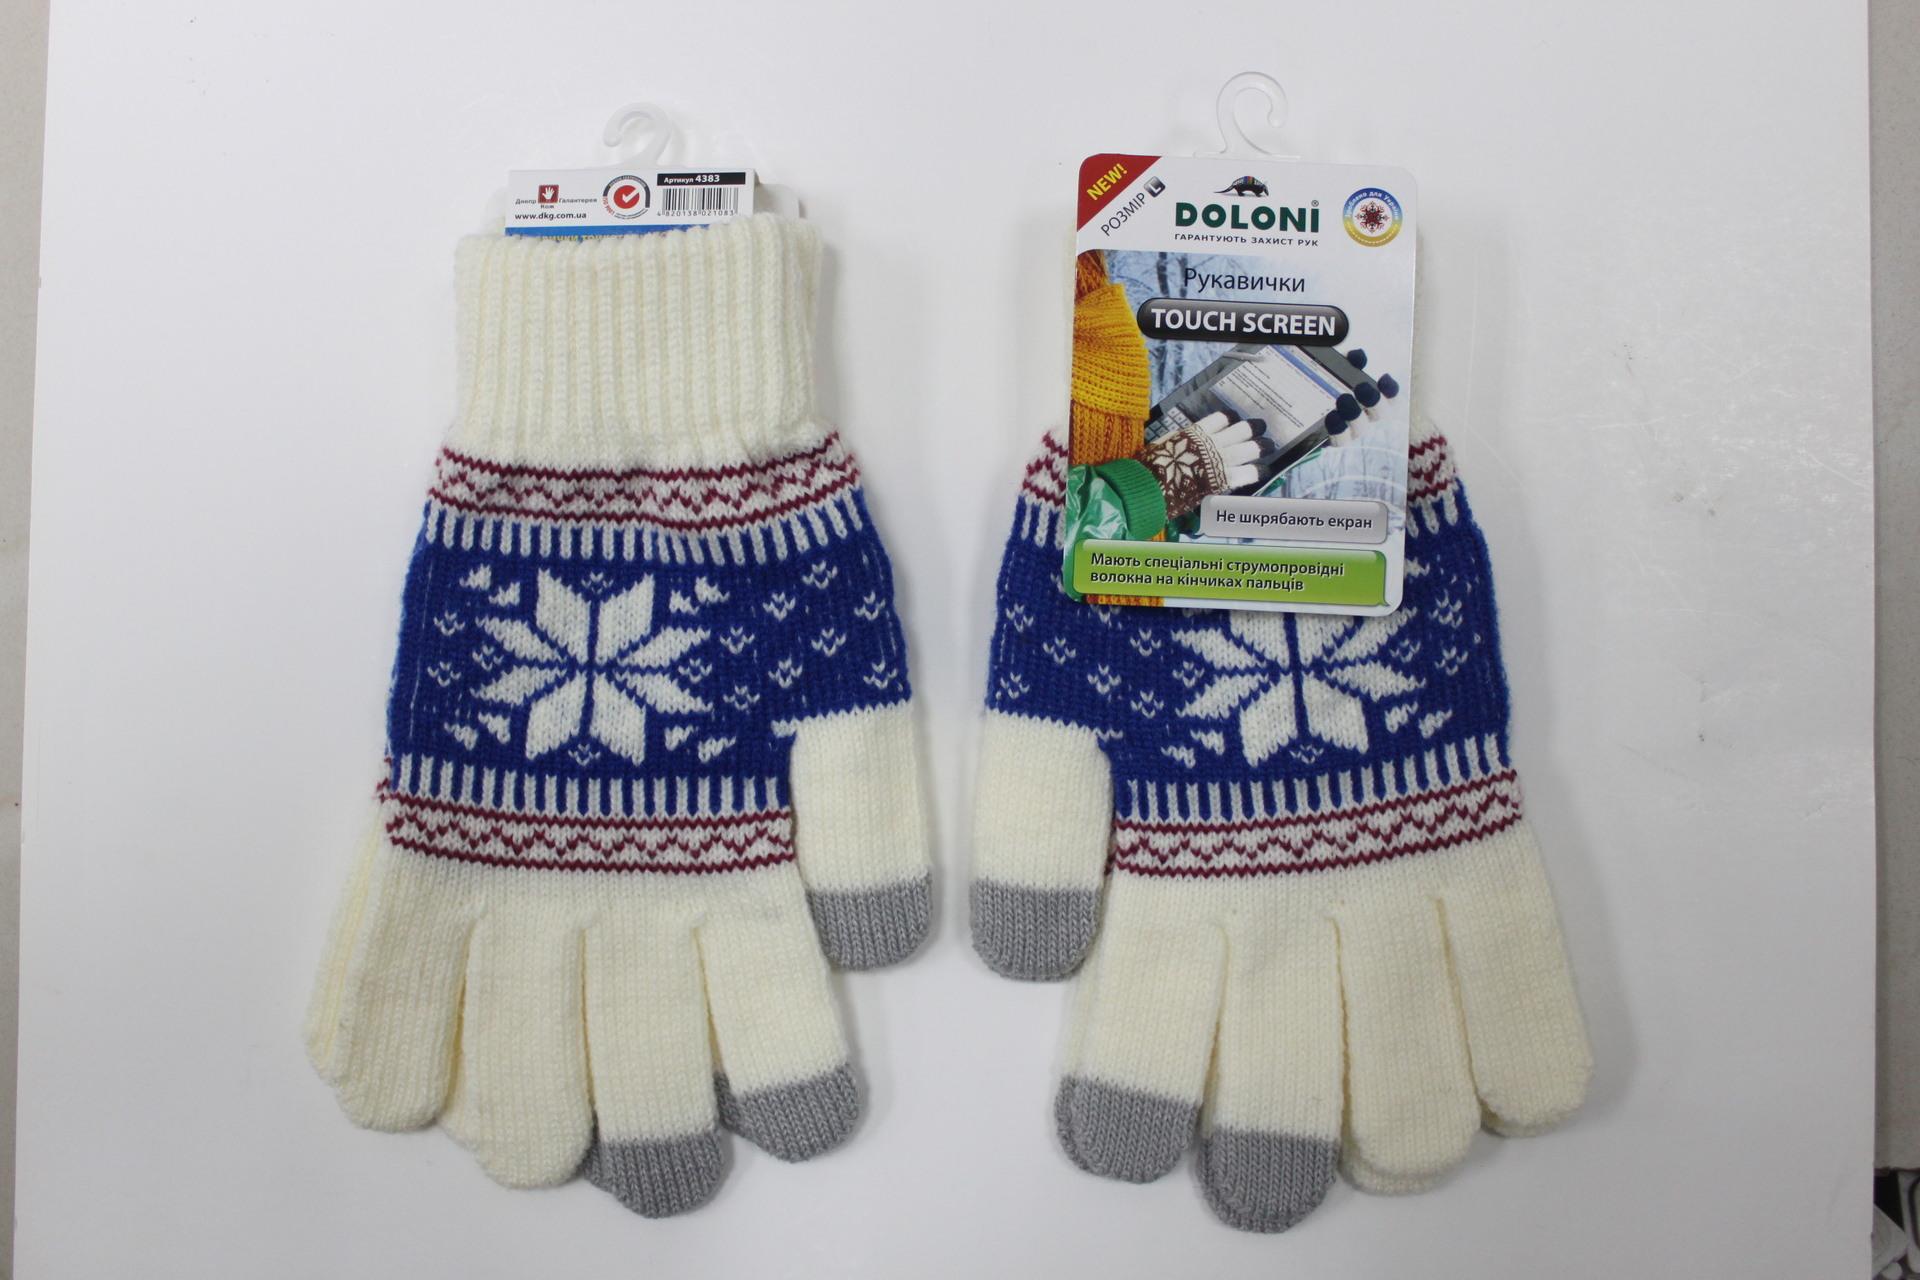 厂家直销各式保暖提花触摸屏手机手套/魔术手套/时尚触摸屏手套